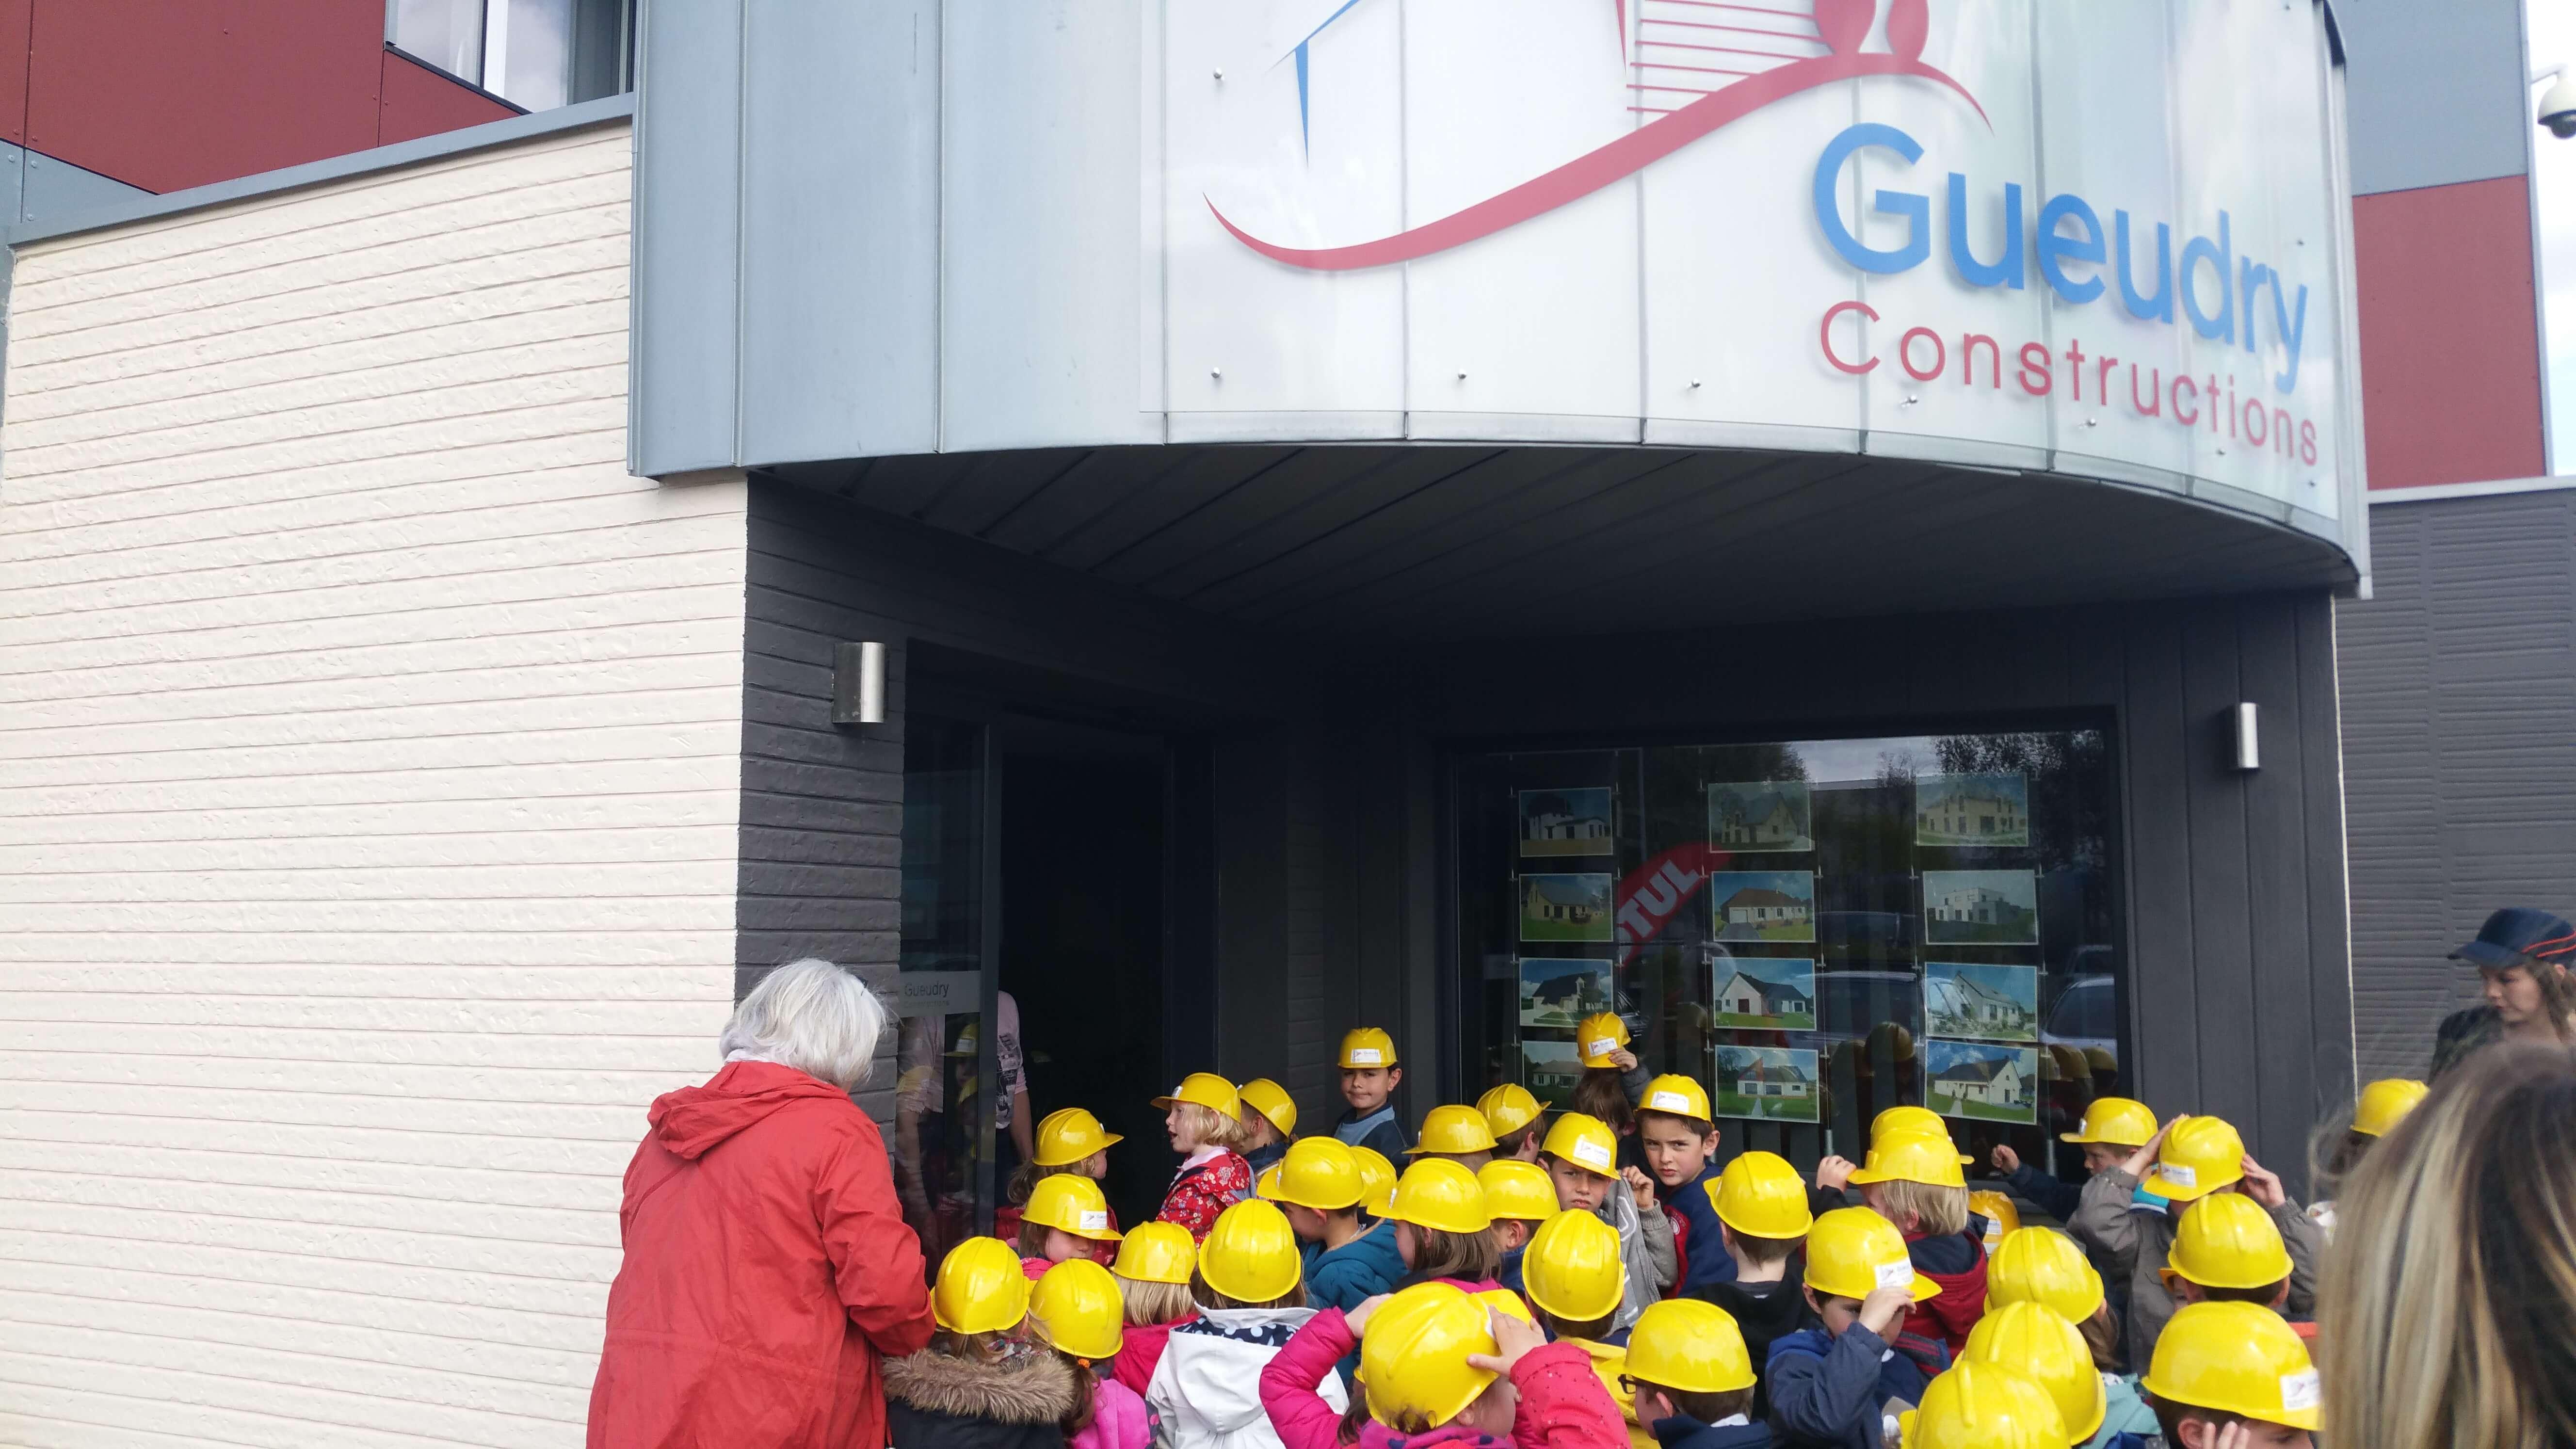 Lentreprise gueudry constructions a eu le plaisir de recevoir mardi 25 avril 2017 dans le cadre dun projet pédagogique des classes de moyenne et grande